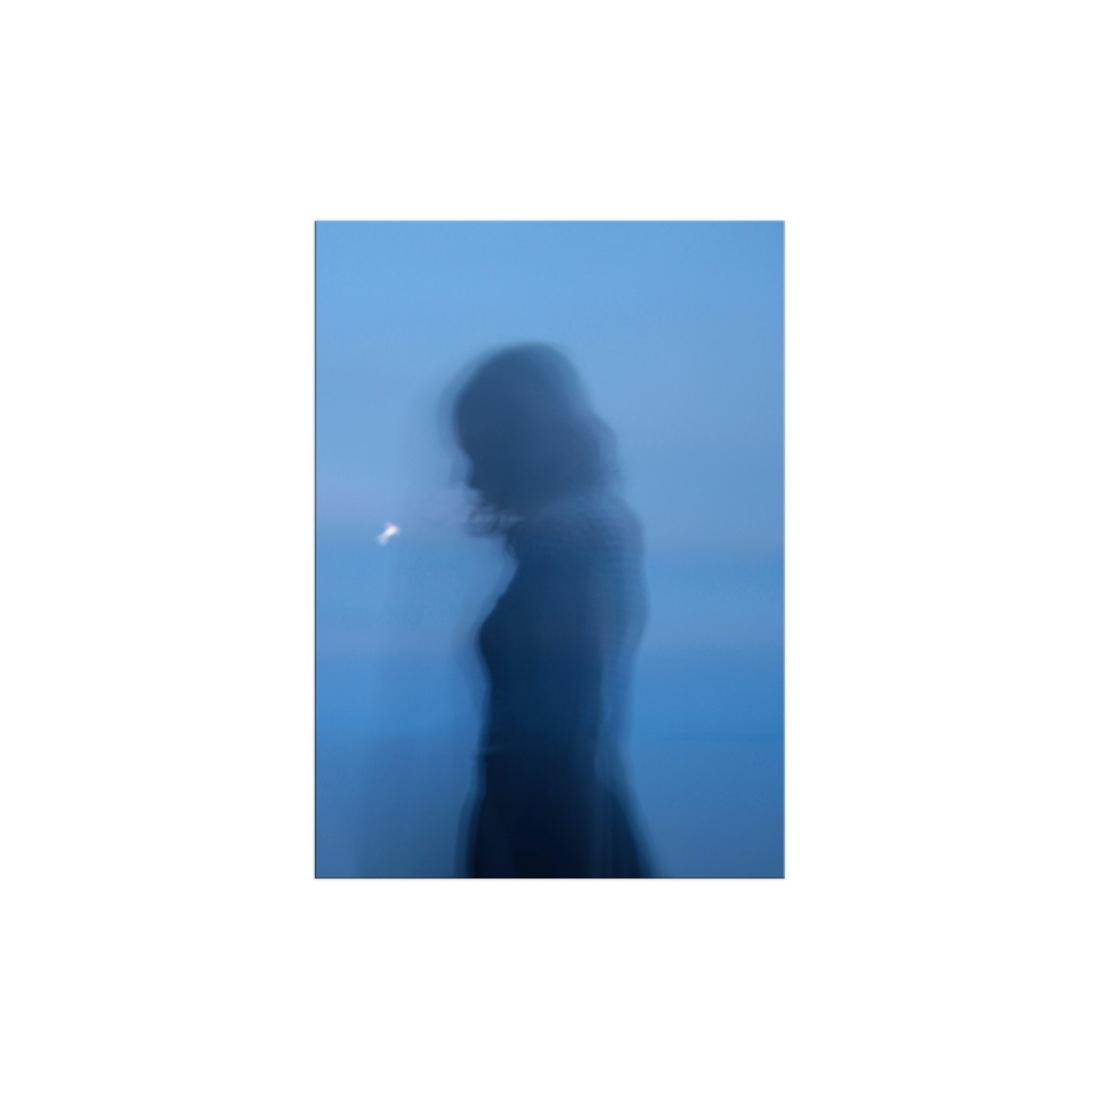 Zoe in Madeline (version x) IMG_4379x